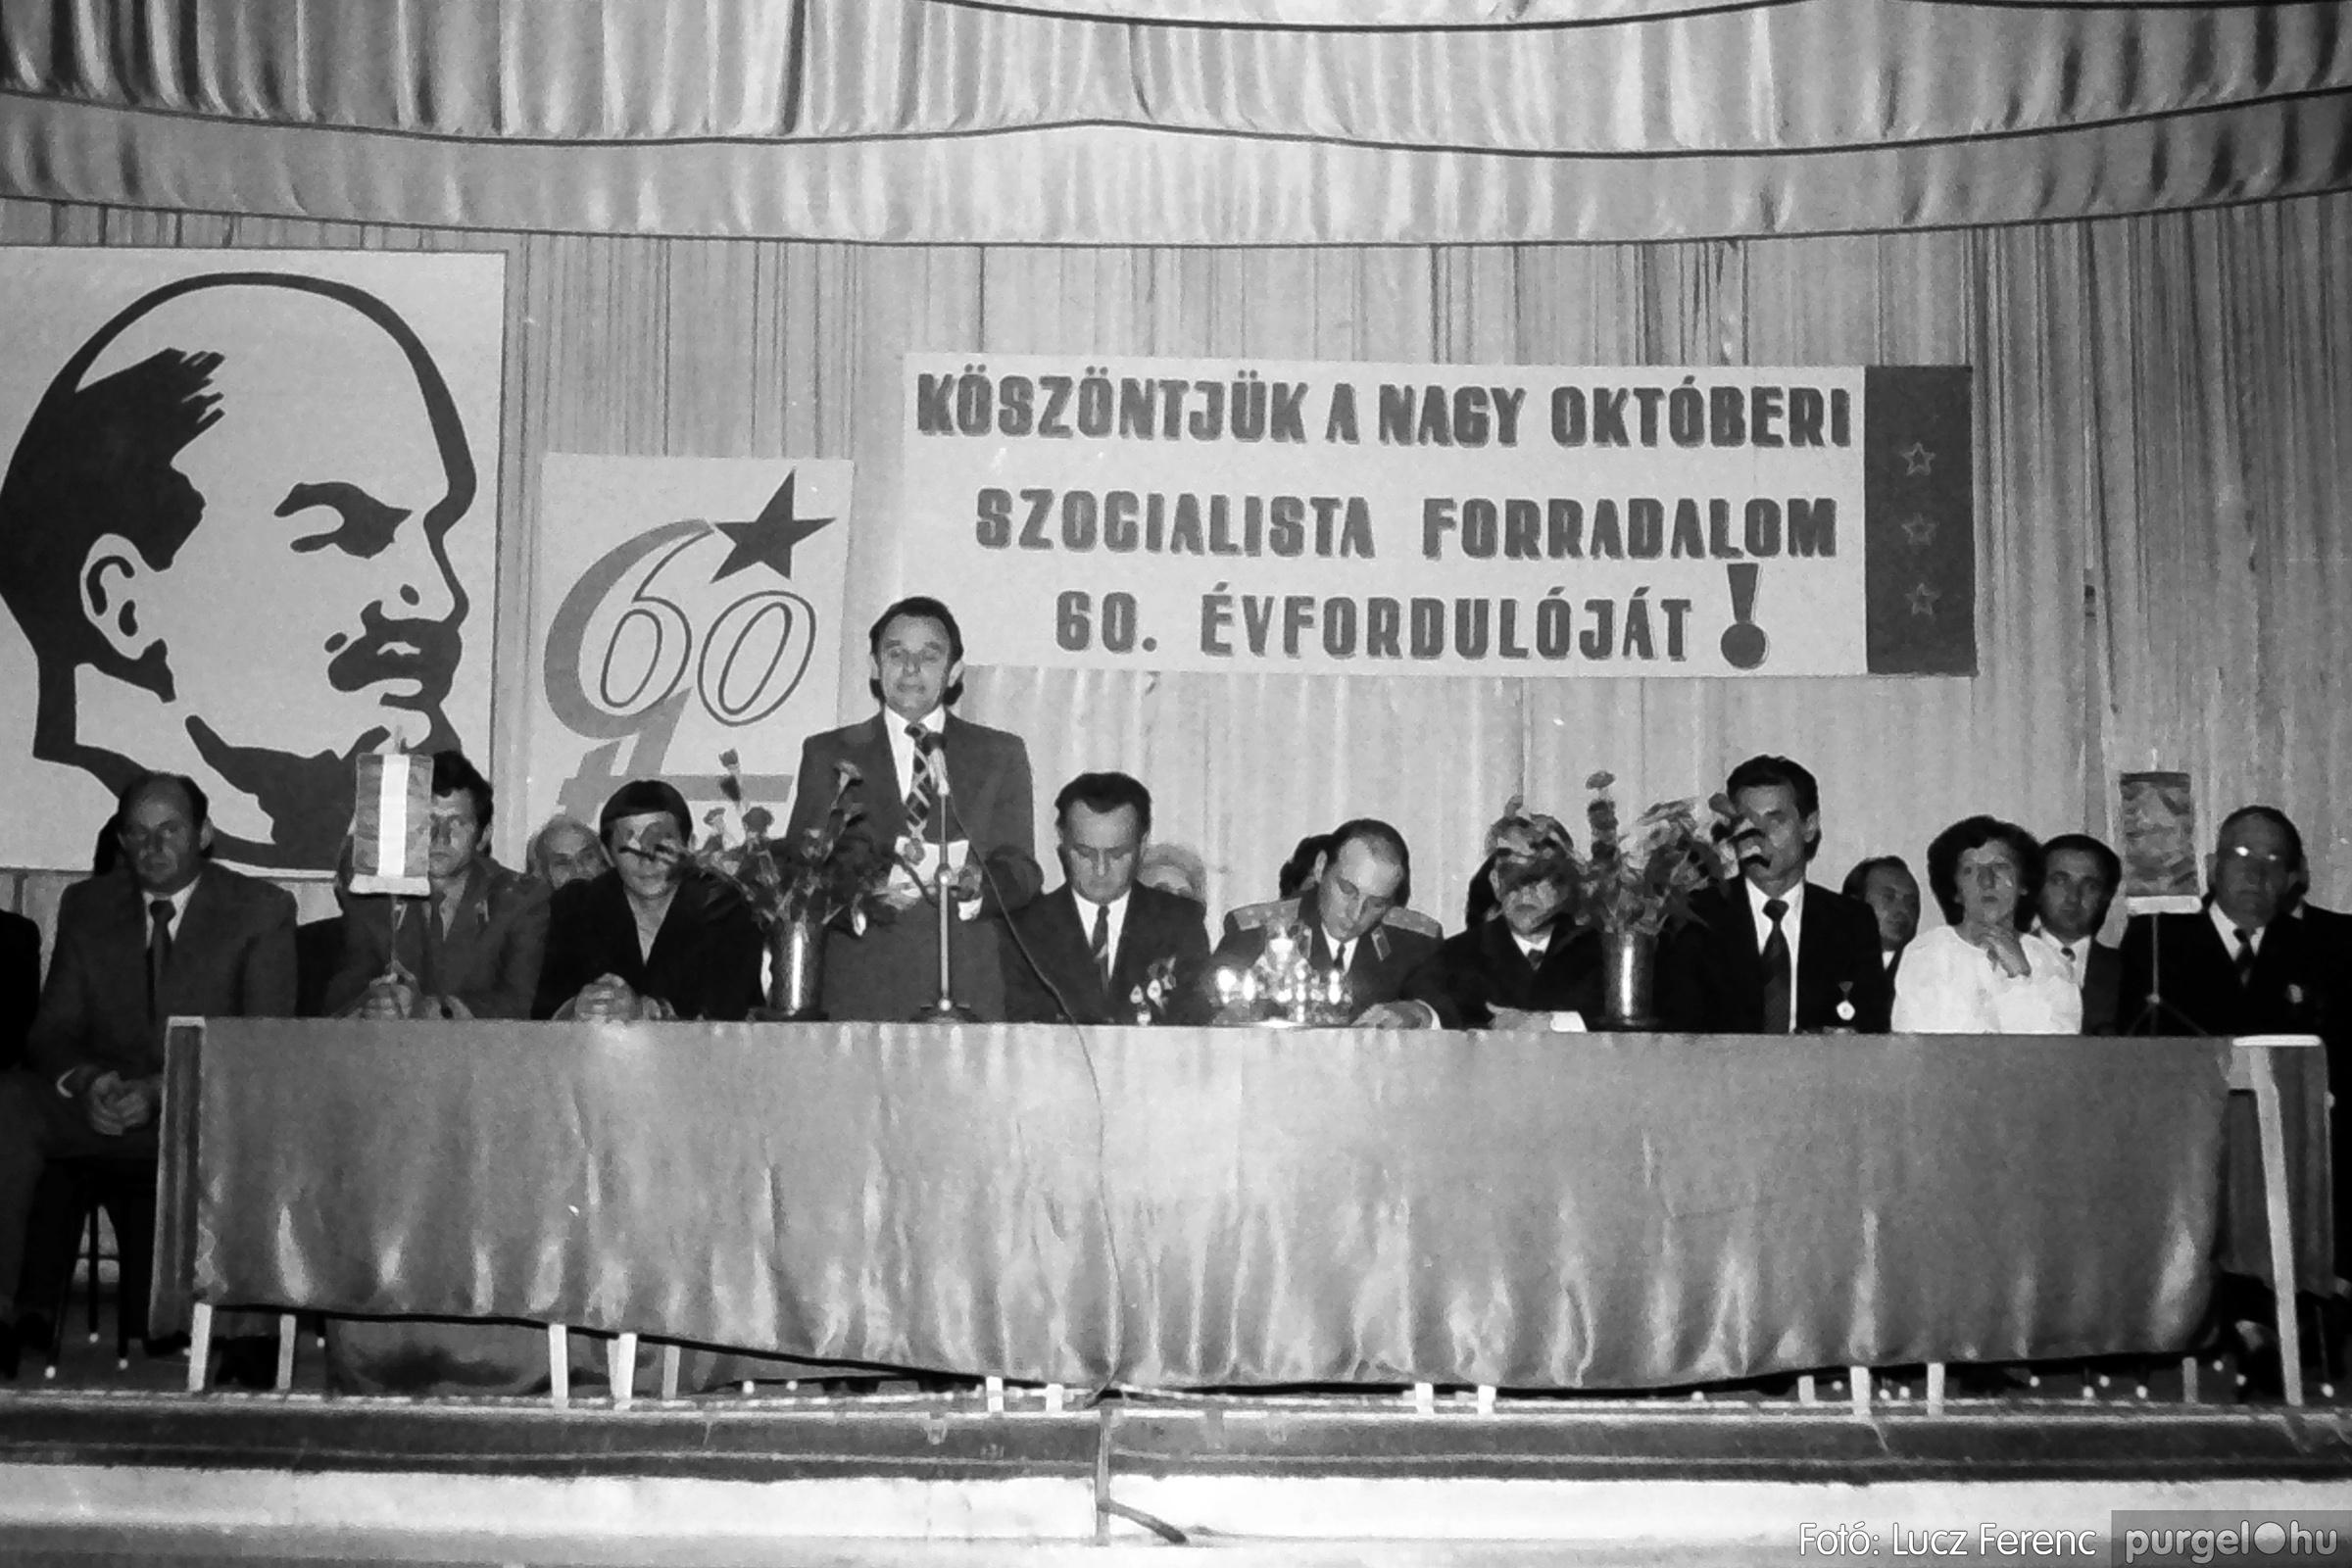 094. 1977.11.07. November 7-i ünnepség 016. - Fotó: Lucz Ferenc.jpg